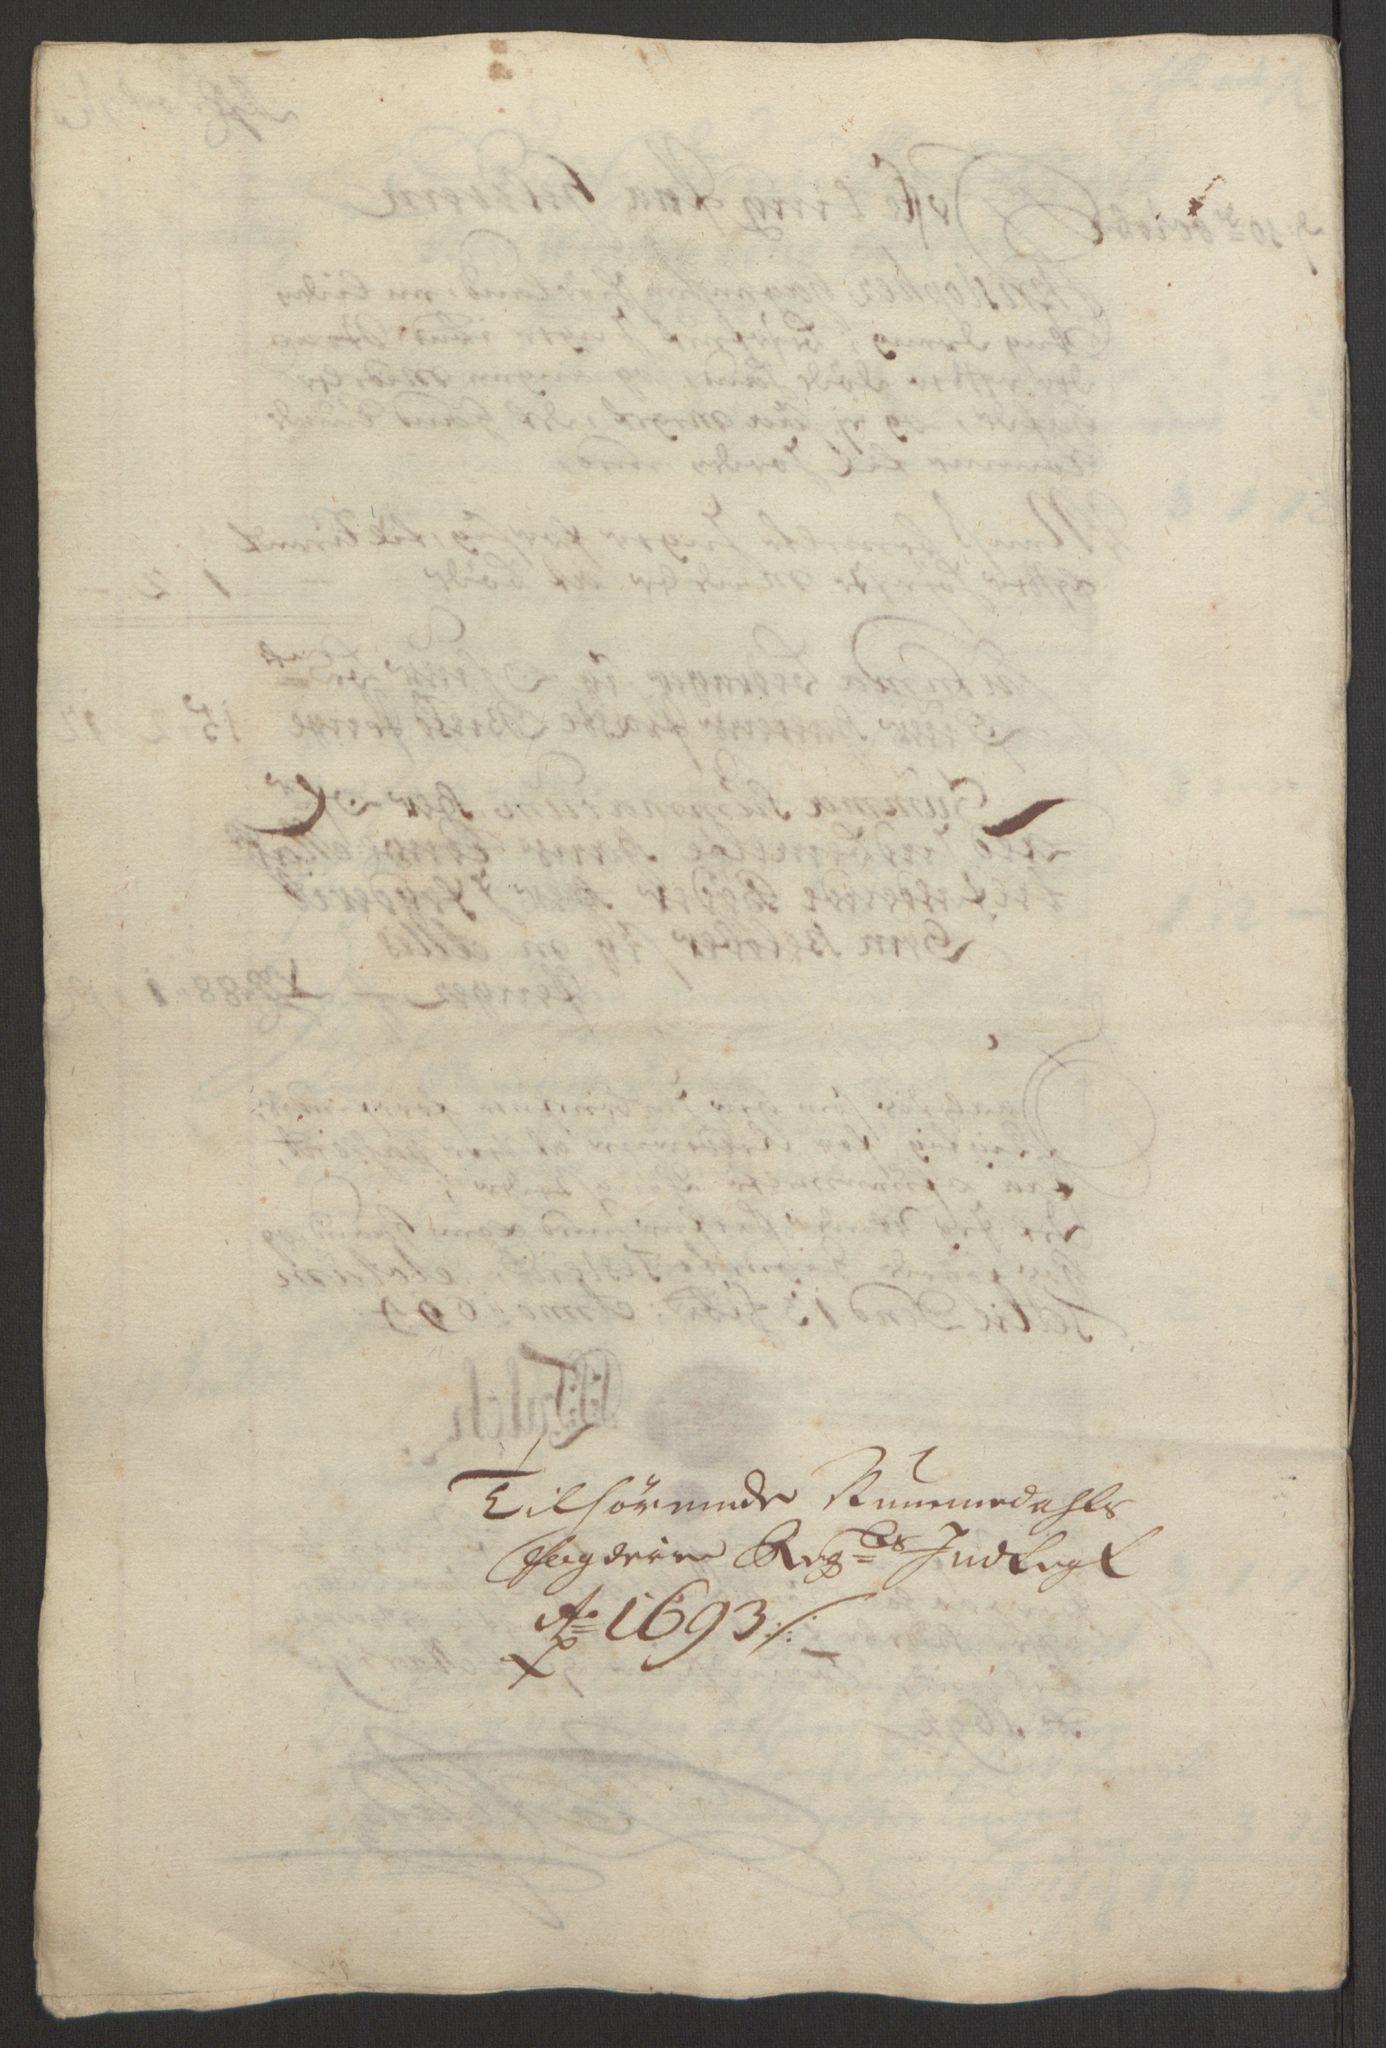 RA, Rentekammeret inntil 1814, Reviderte regnskaper, Fogderegnskap, R64/L4424: Fogderegnskap Namdal, 1692-1695, s. 310